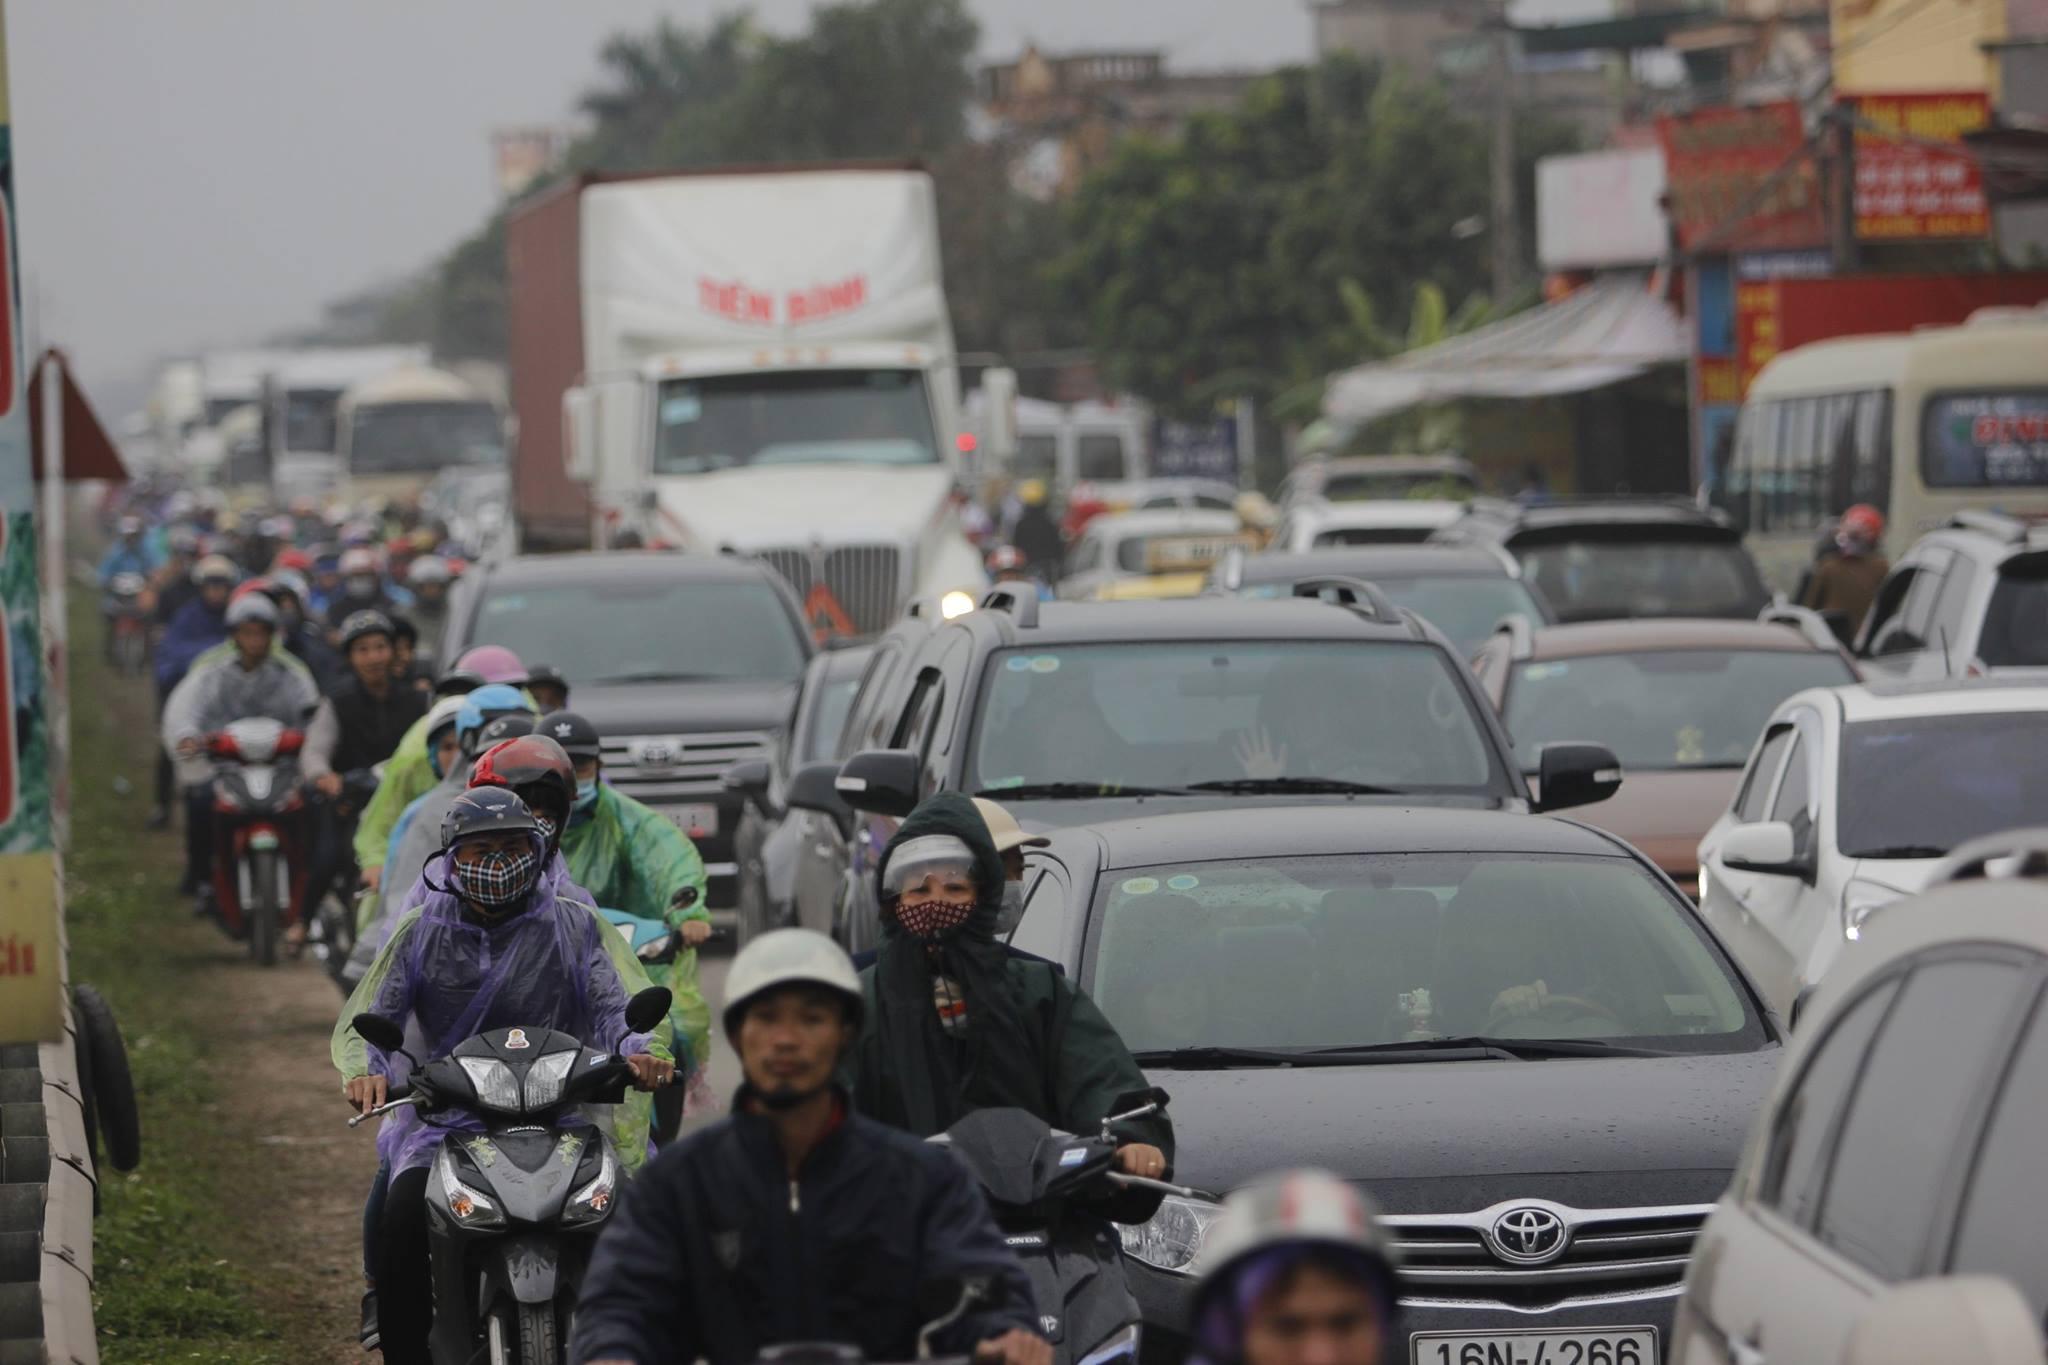 """""""Trong dịp hội chợ, tuyến đường 10 đi qua thị trấn Gôi luôn là tuyến đường """"nóng"""" nhiều chốt giao thông kết hợp với lực lượng CSGT, Công an huyện duy trì phân luồng giao thông, đảm bảo cho các phương tiện giao thông lưu thông thông suốt"""", Lãnh đạo Phòng CSGT tỉnh Nam Định cho biết thêm."""